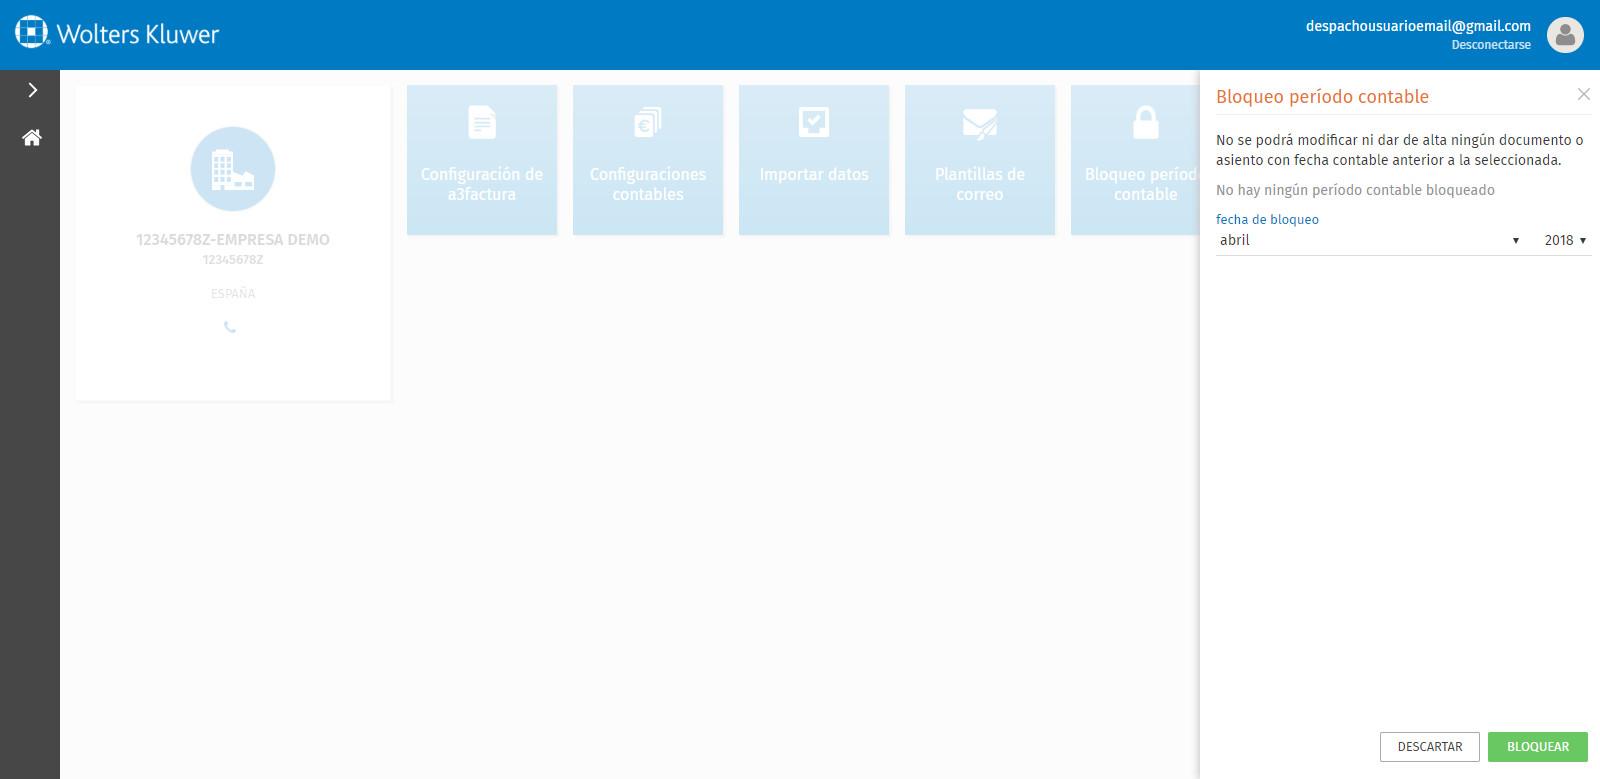 Portal a3factura Configuracion Bloqueo periodo contable fecha